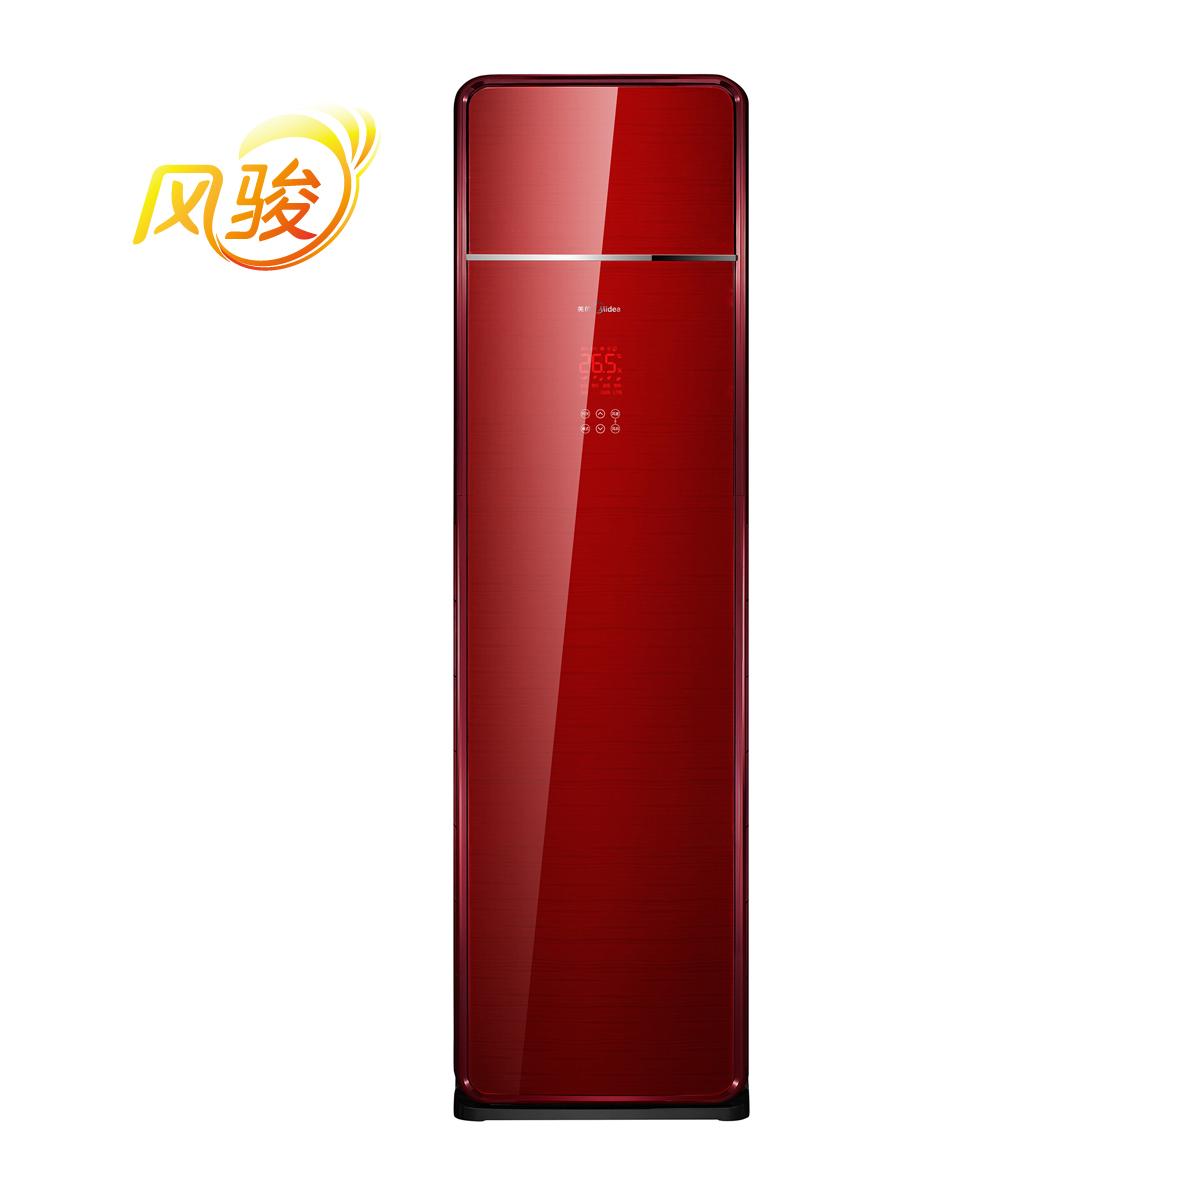 Midea/美的 KFR-51LW/BP2DN1Y-ZA300(B3)(伯爵红)家用空调套机 说明书.pdf